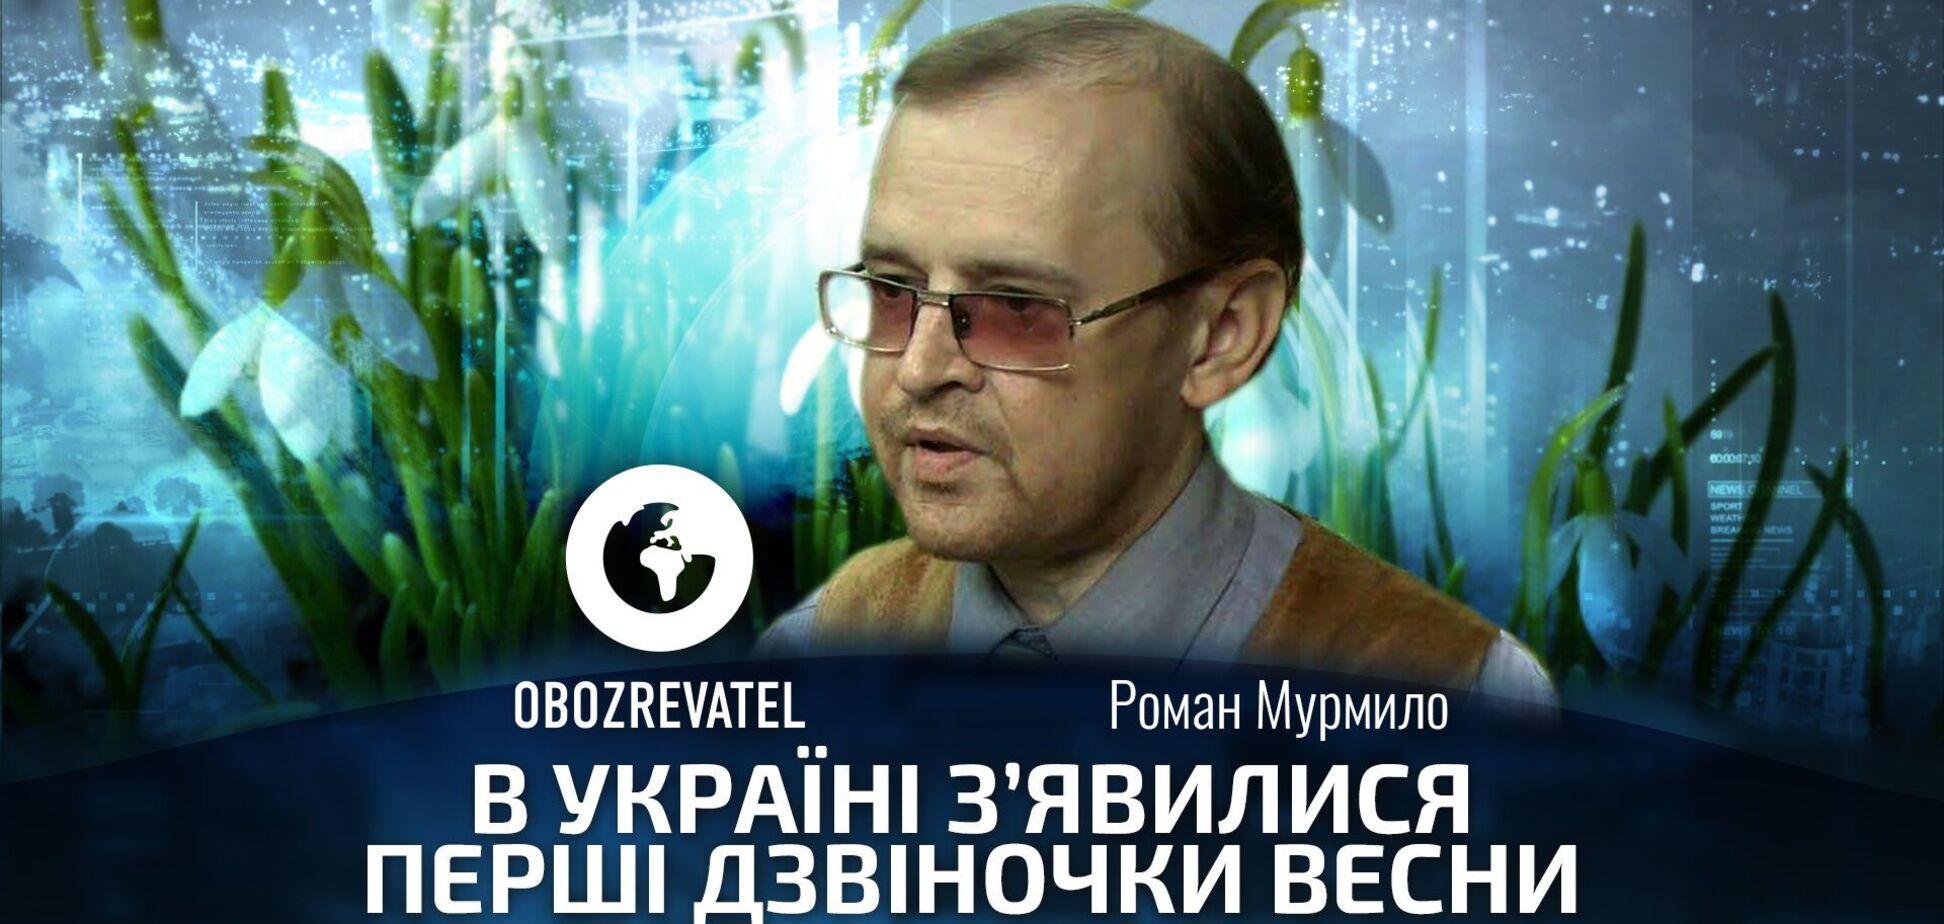 Синоптик Мурмило: в Україні перші дзвіночки весни